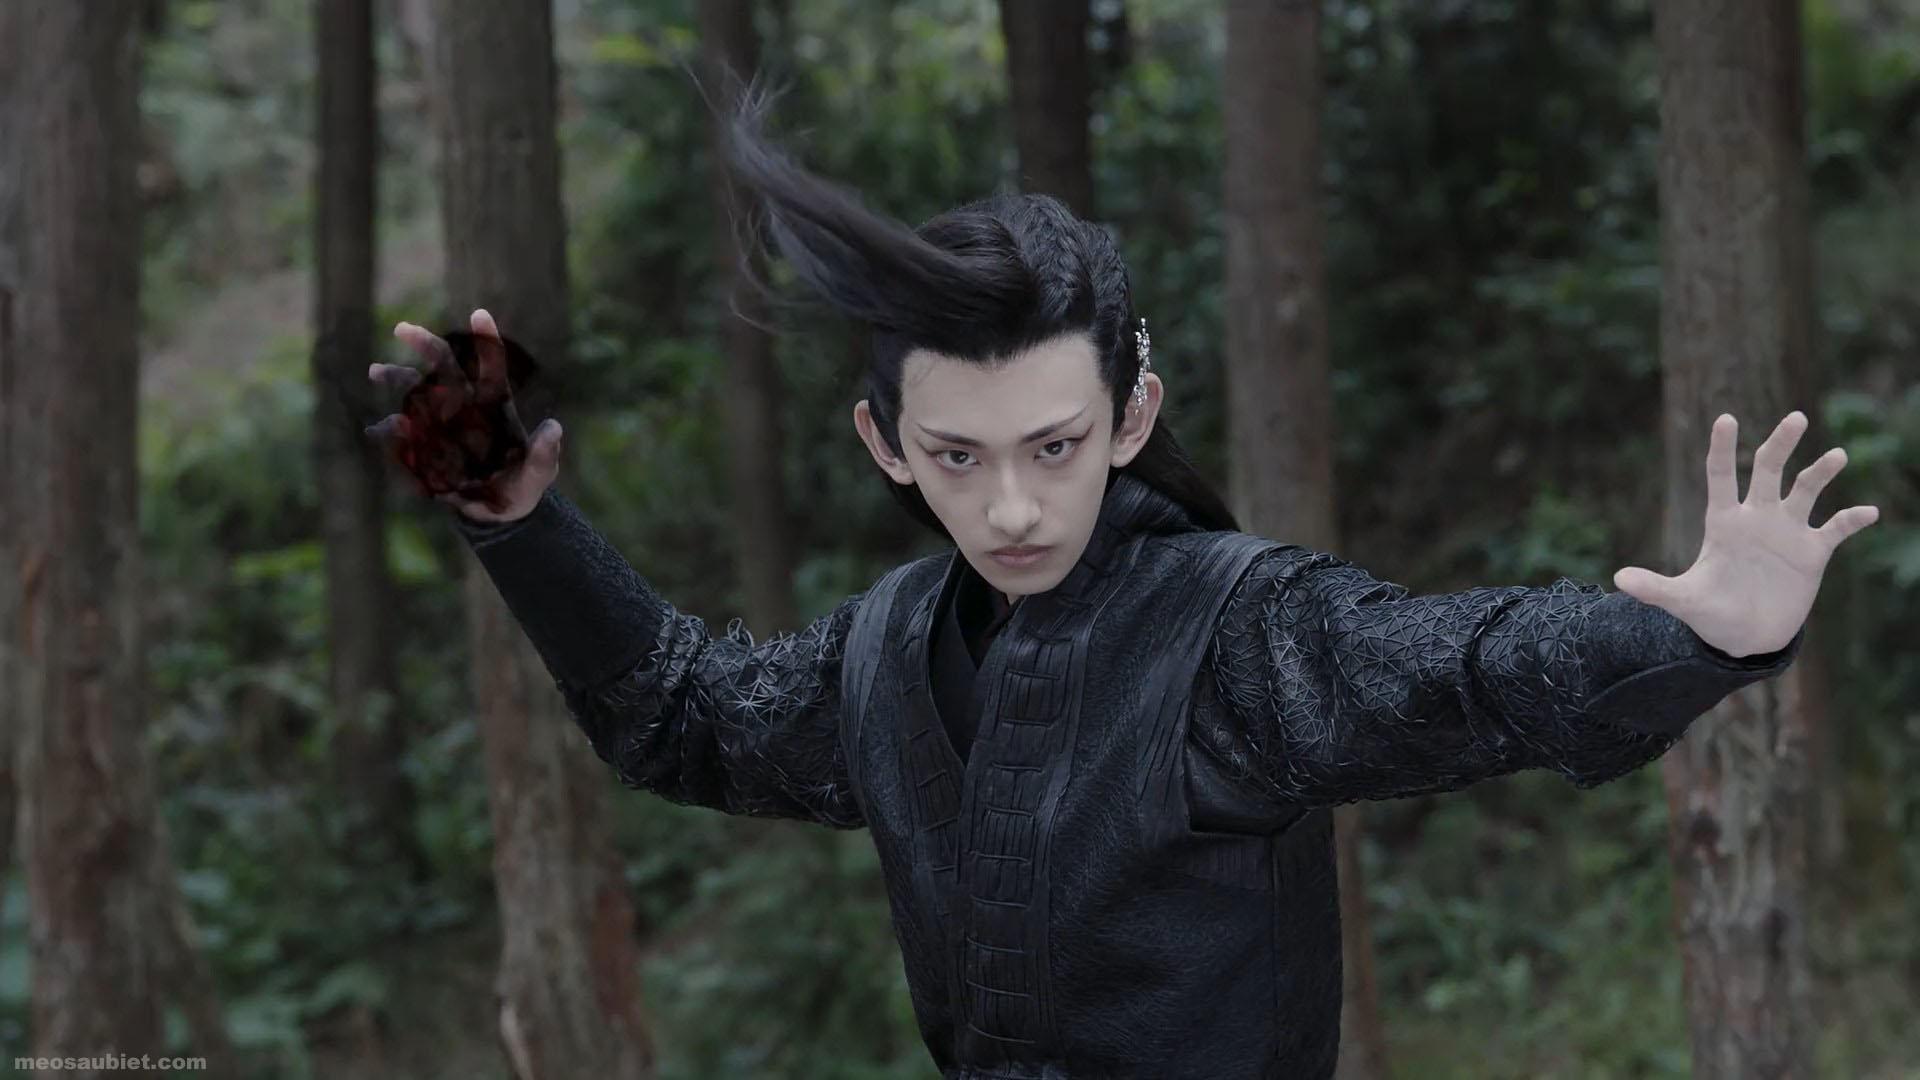 Cửu Châu – Thiên Không thành II 2020 Tân Diên Vũ trong vai Tu Du